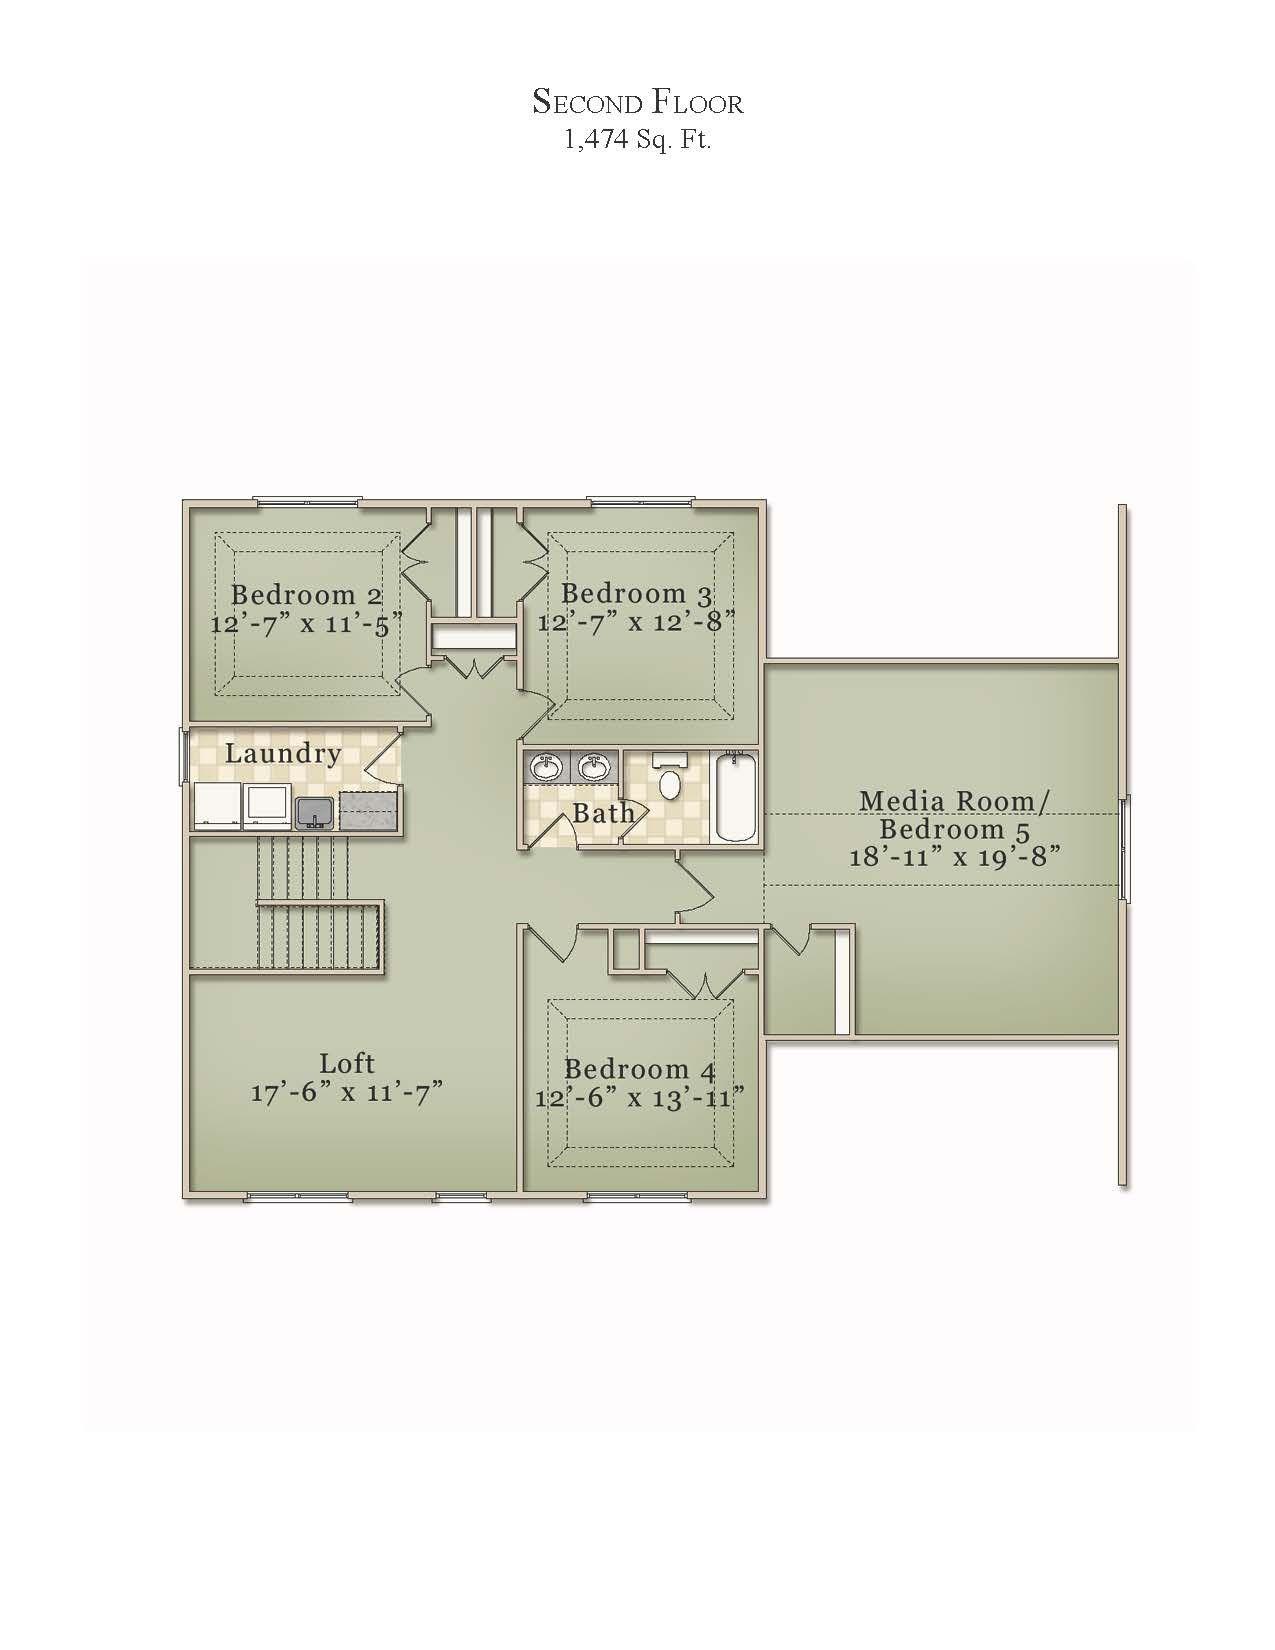 the riddick second floor plan view mckee floor plans the riddick second floor plan view